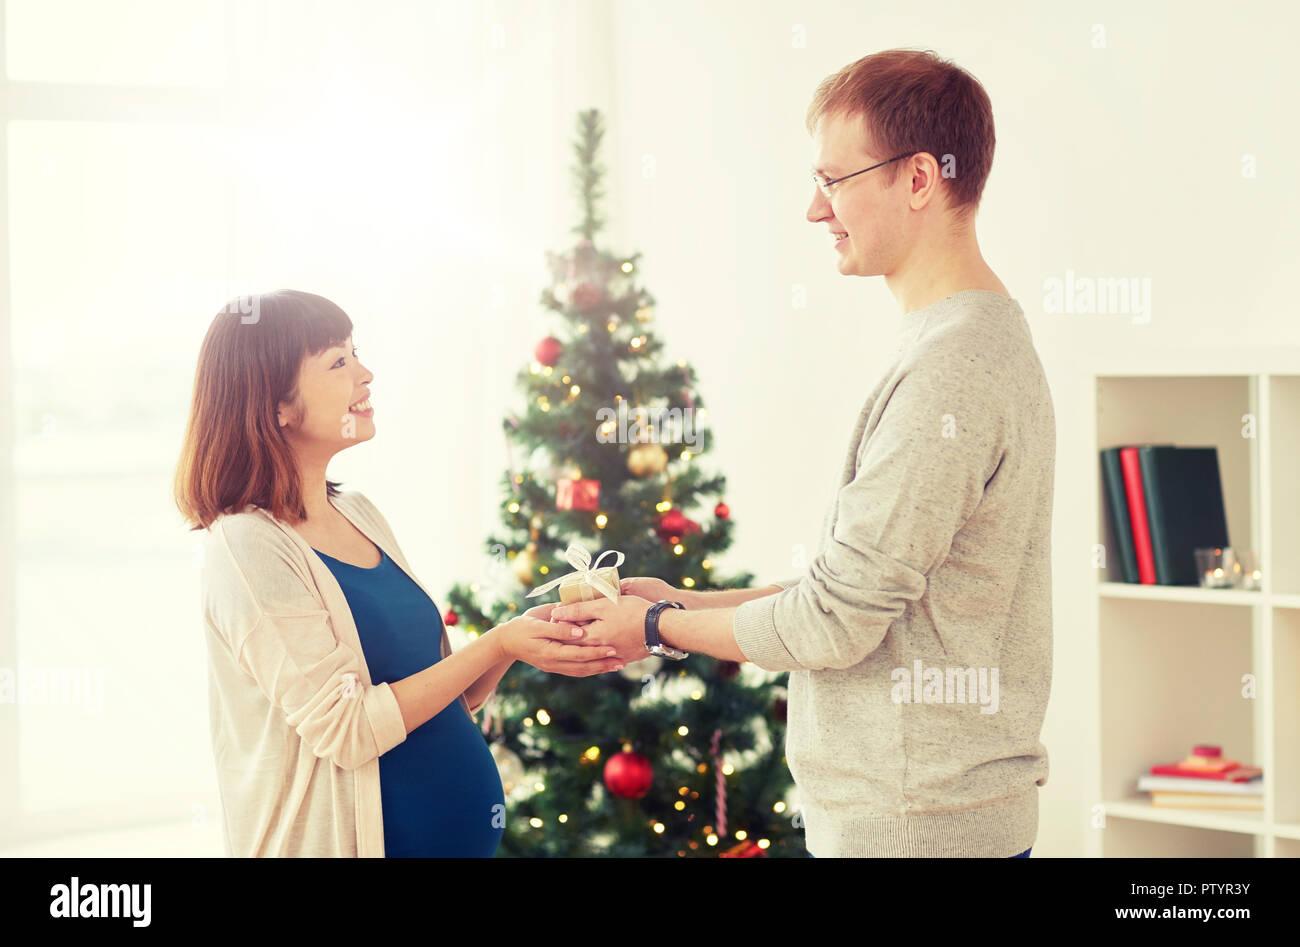 Mann, Weihnachtsgeschenk für schwangere Frau Stockfoto, Bild ...